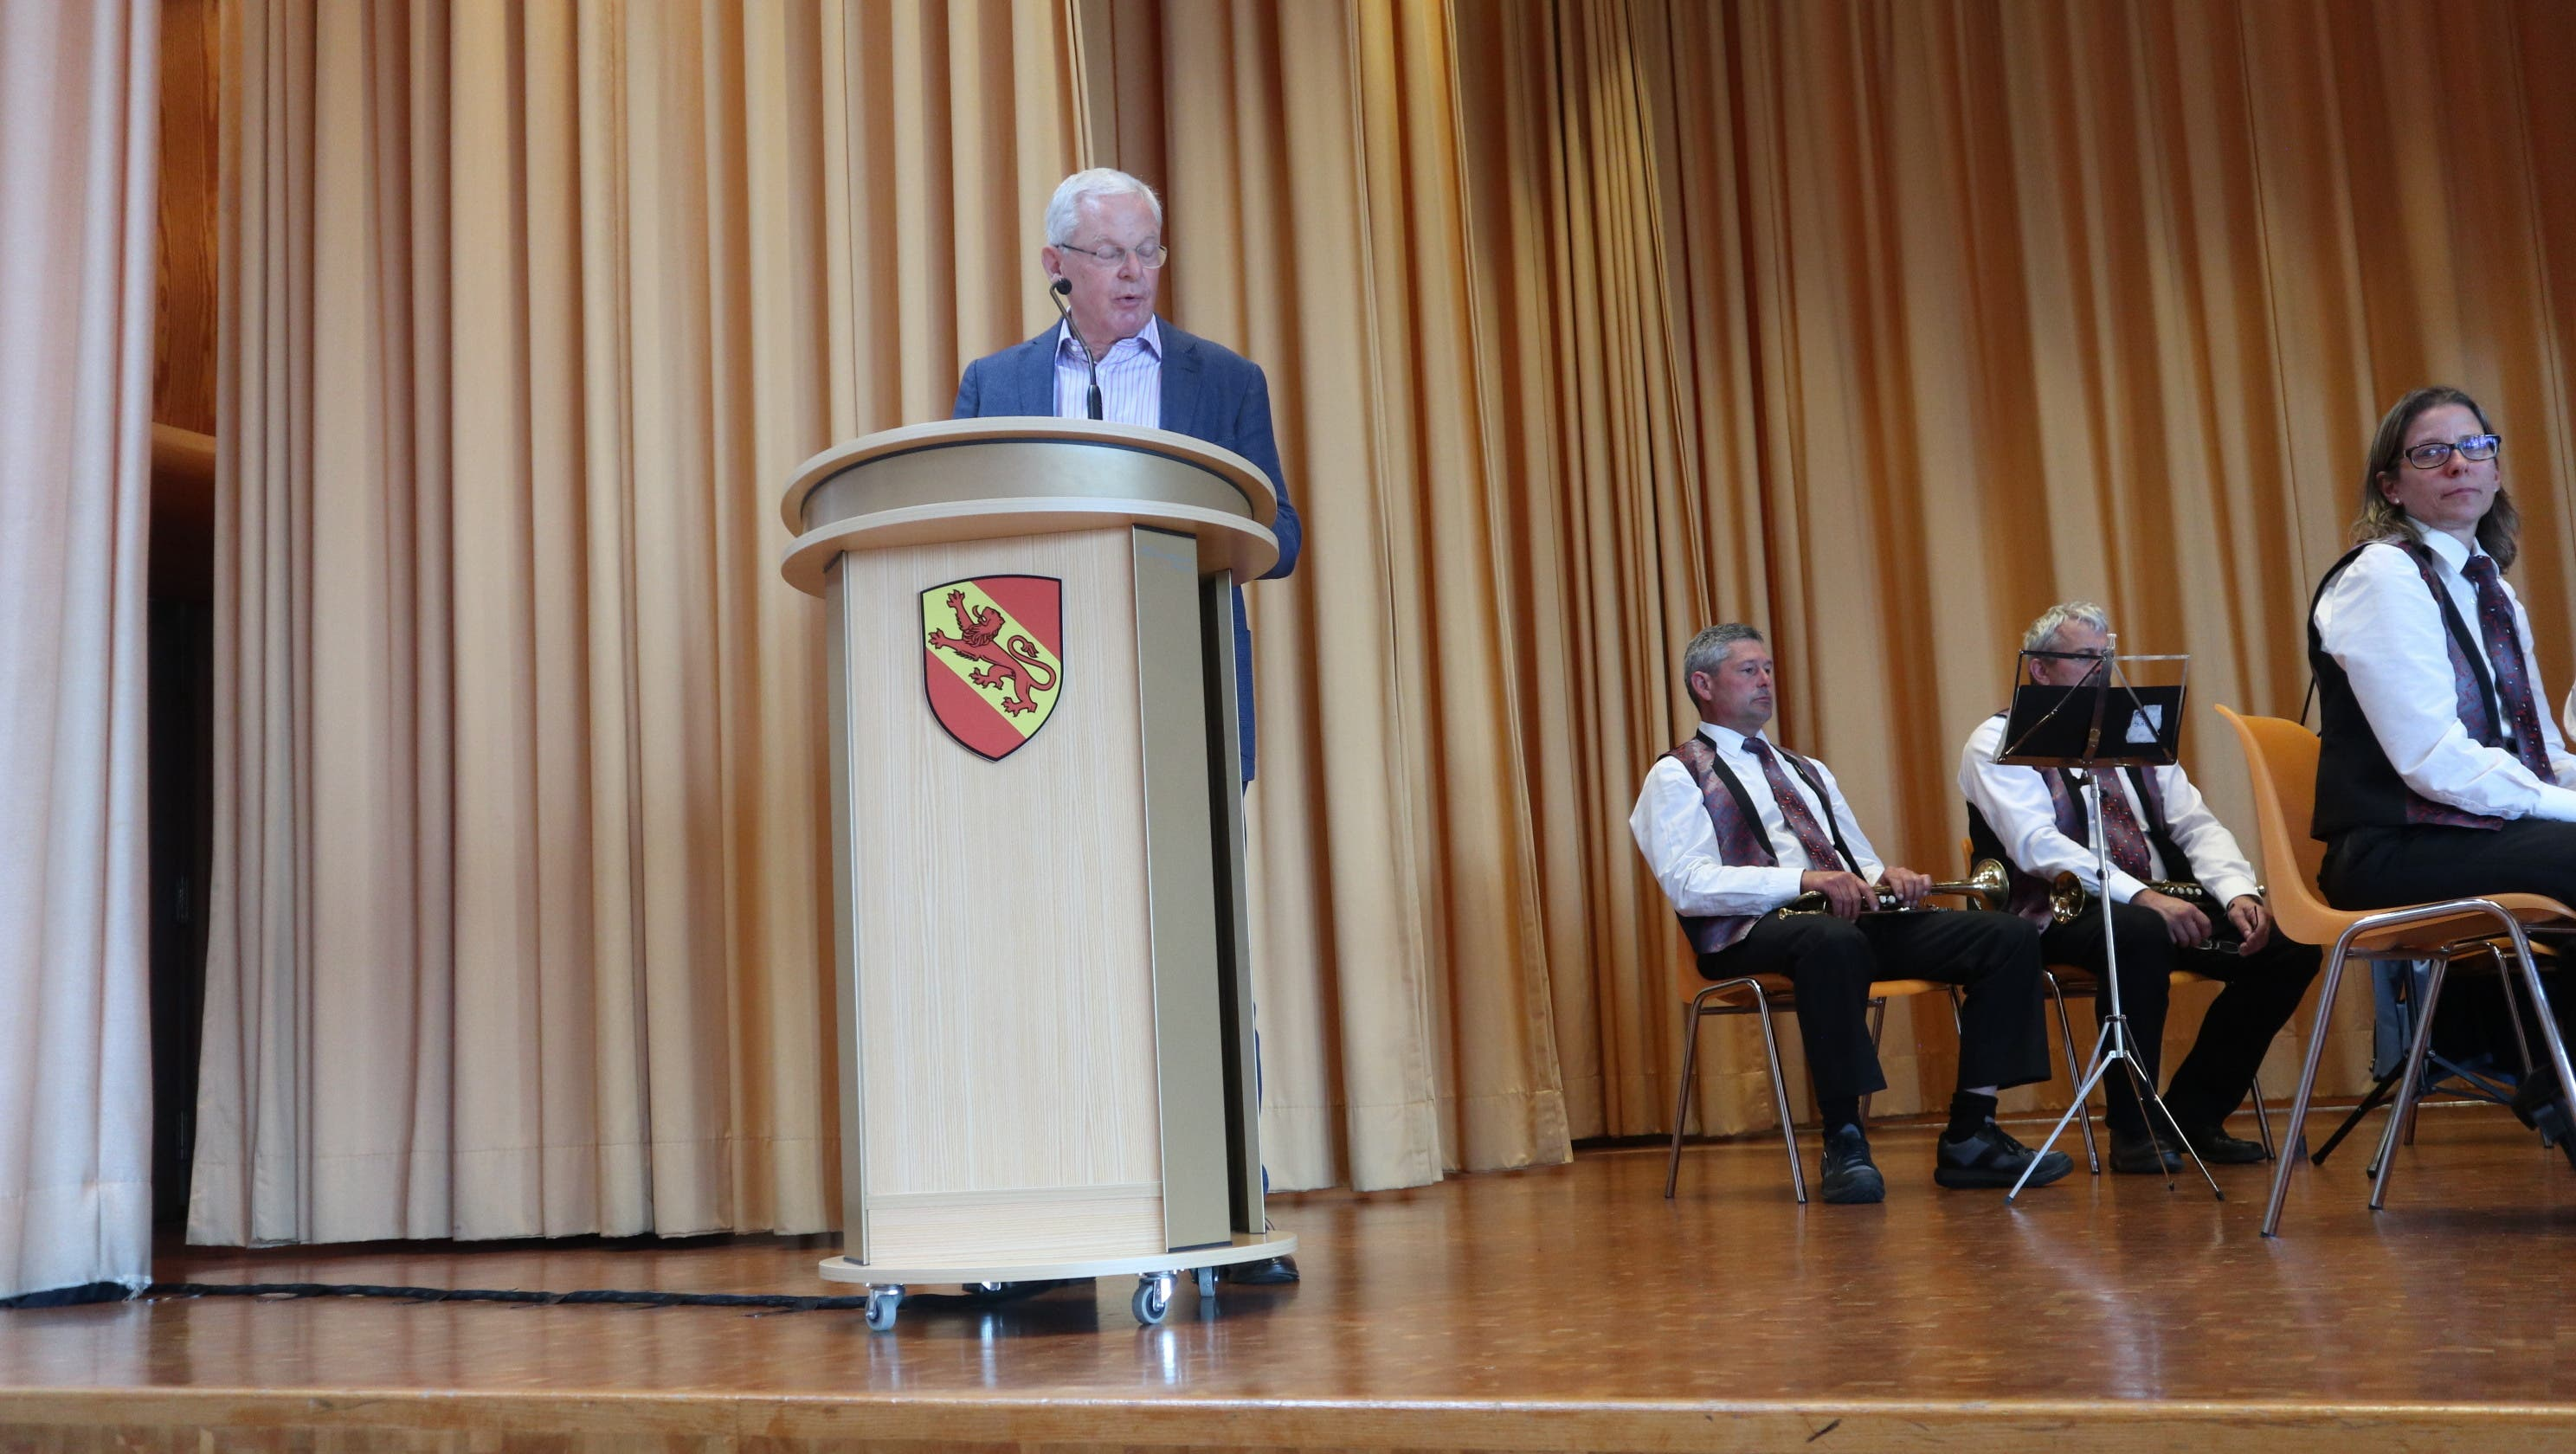 Die Eröffnungsrede hielt Gemeindepräsident Chris Linder (FDP).